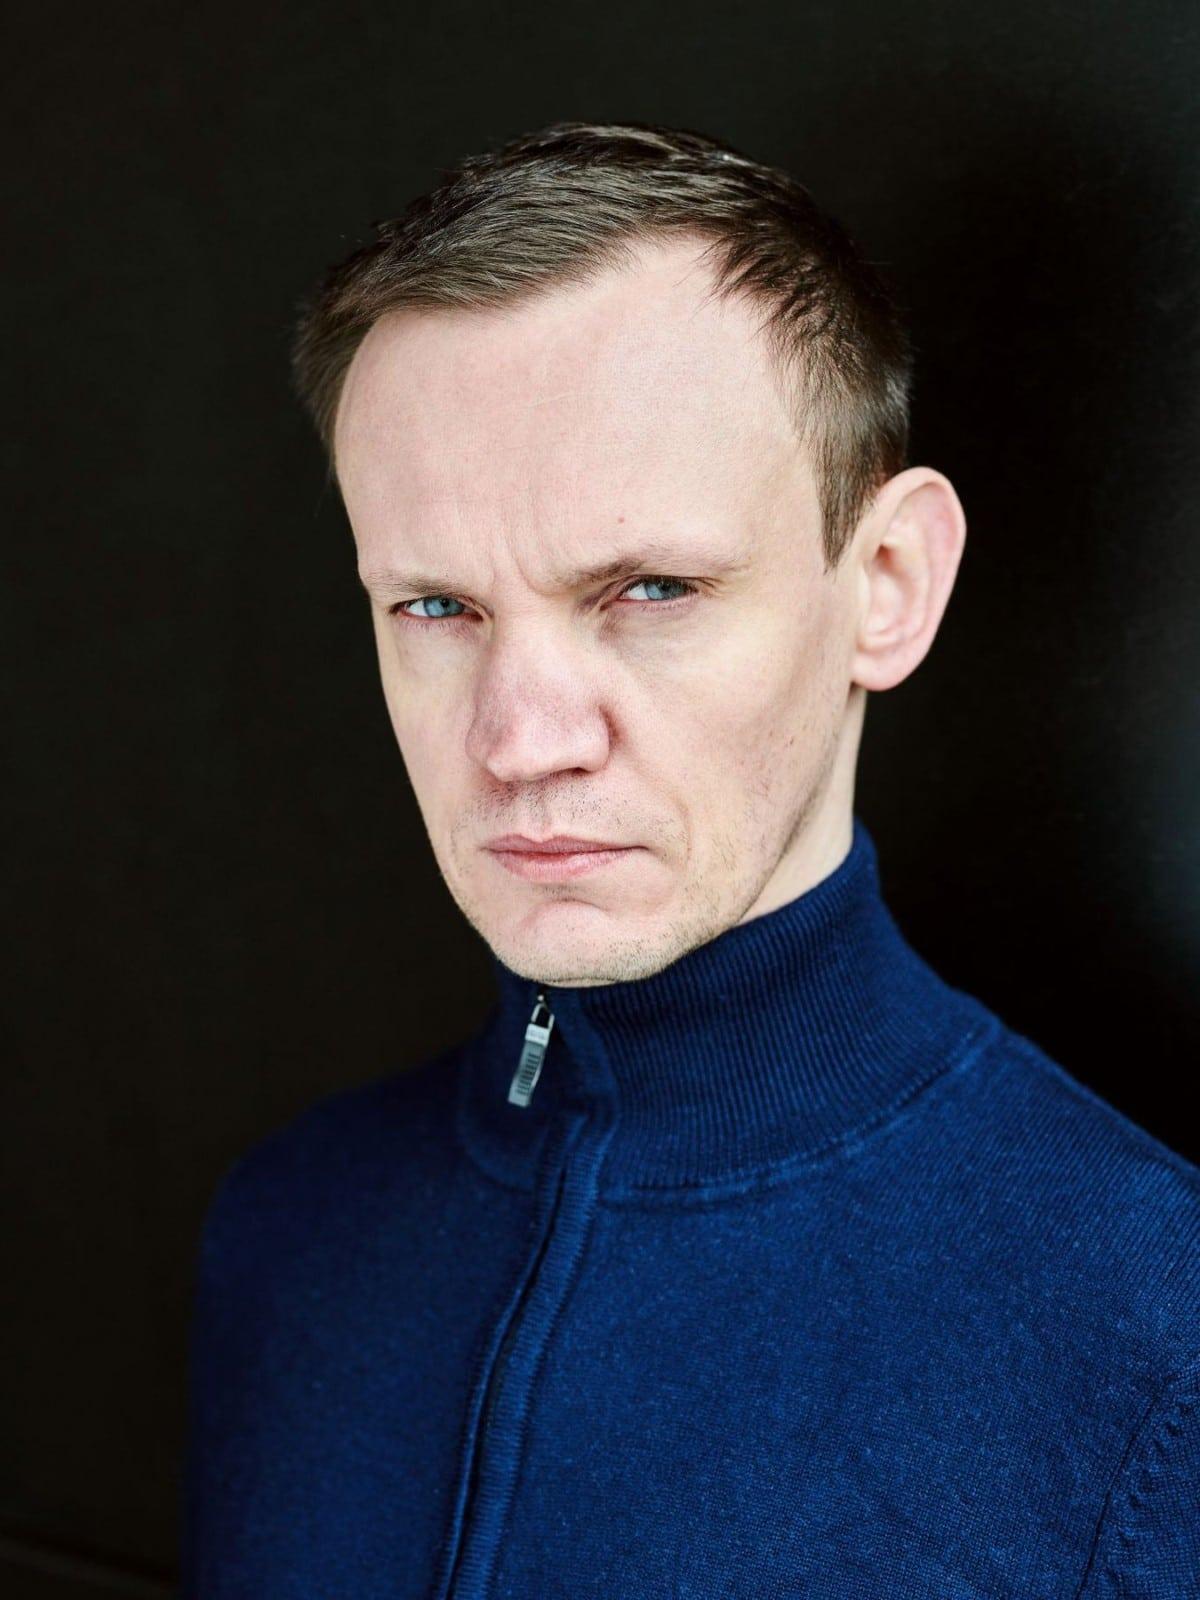 Adam Venhaus, Actors Agency Osman, Schauspielagentur Berlin